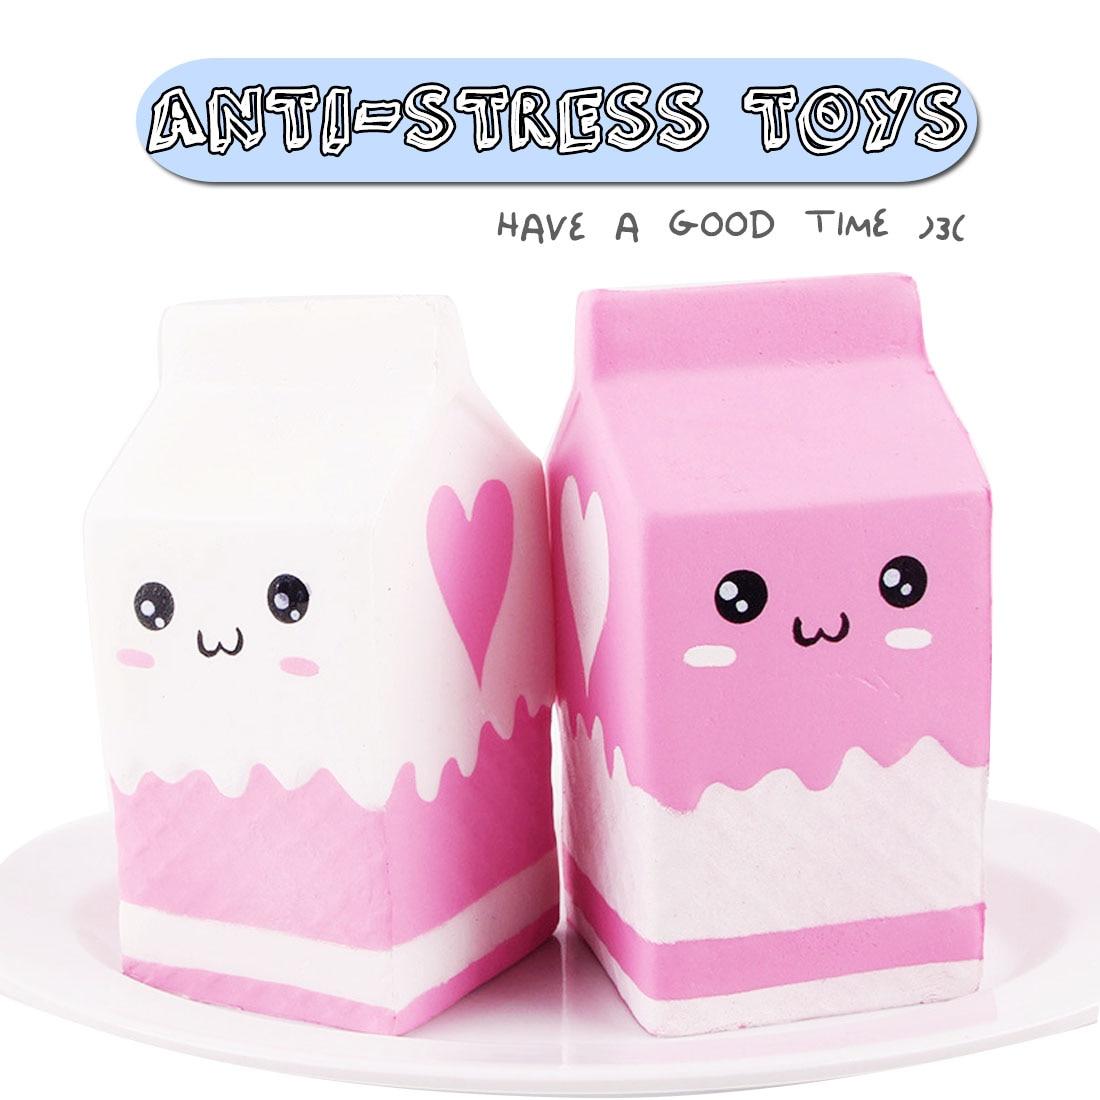 Bolsa de leche Kawaii blando y estrujable, juguete, caja de leche de crecimiento lento, regalo divertido para chico, para adultos, alivia la ansiedad y el estrés, juguetes para apretar